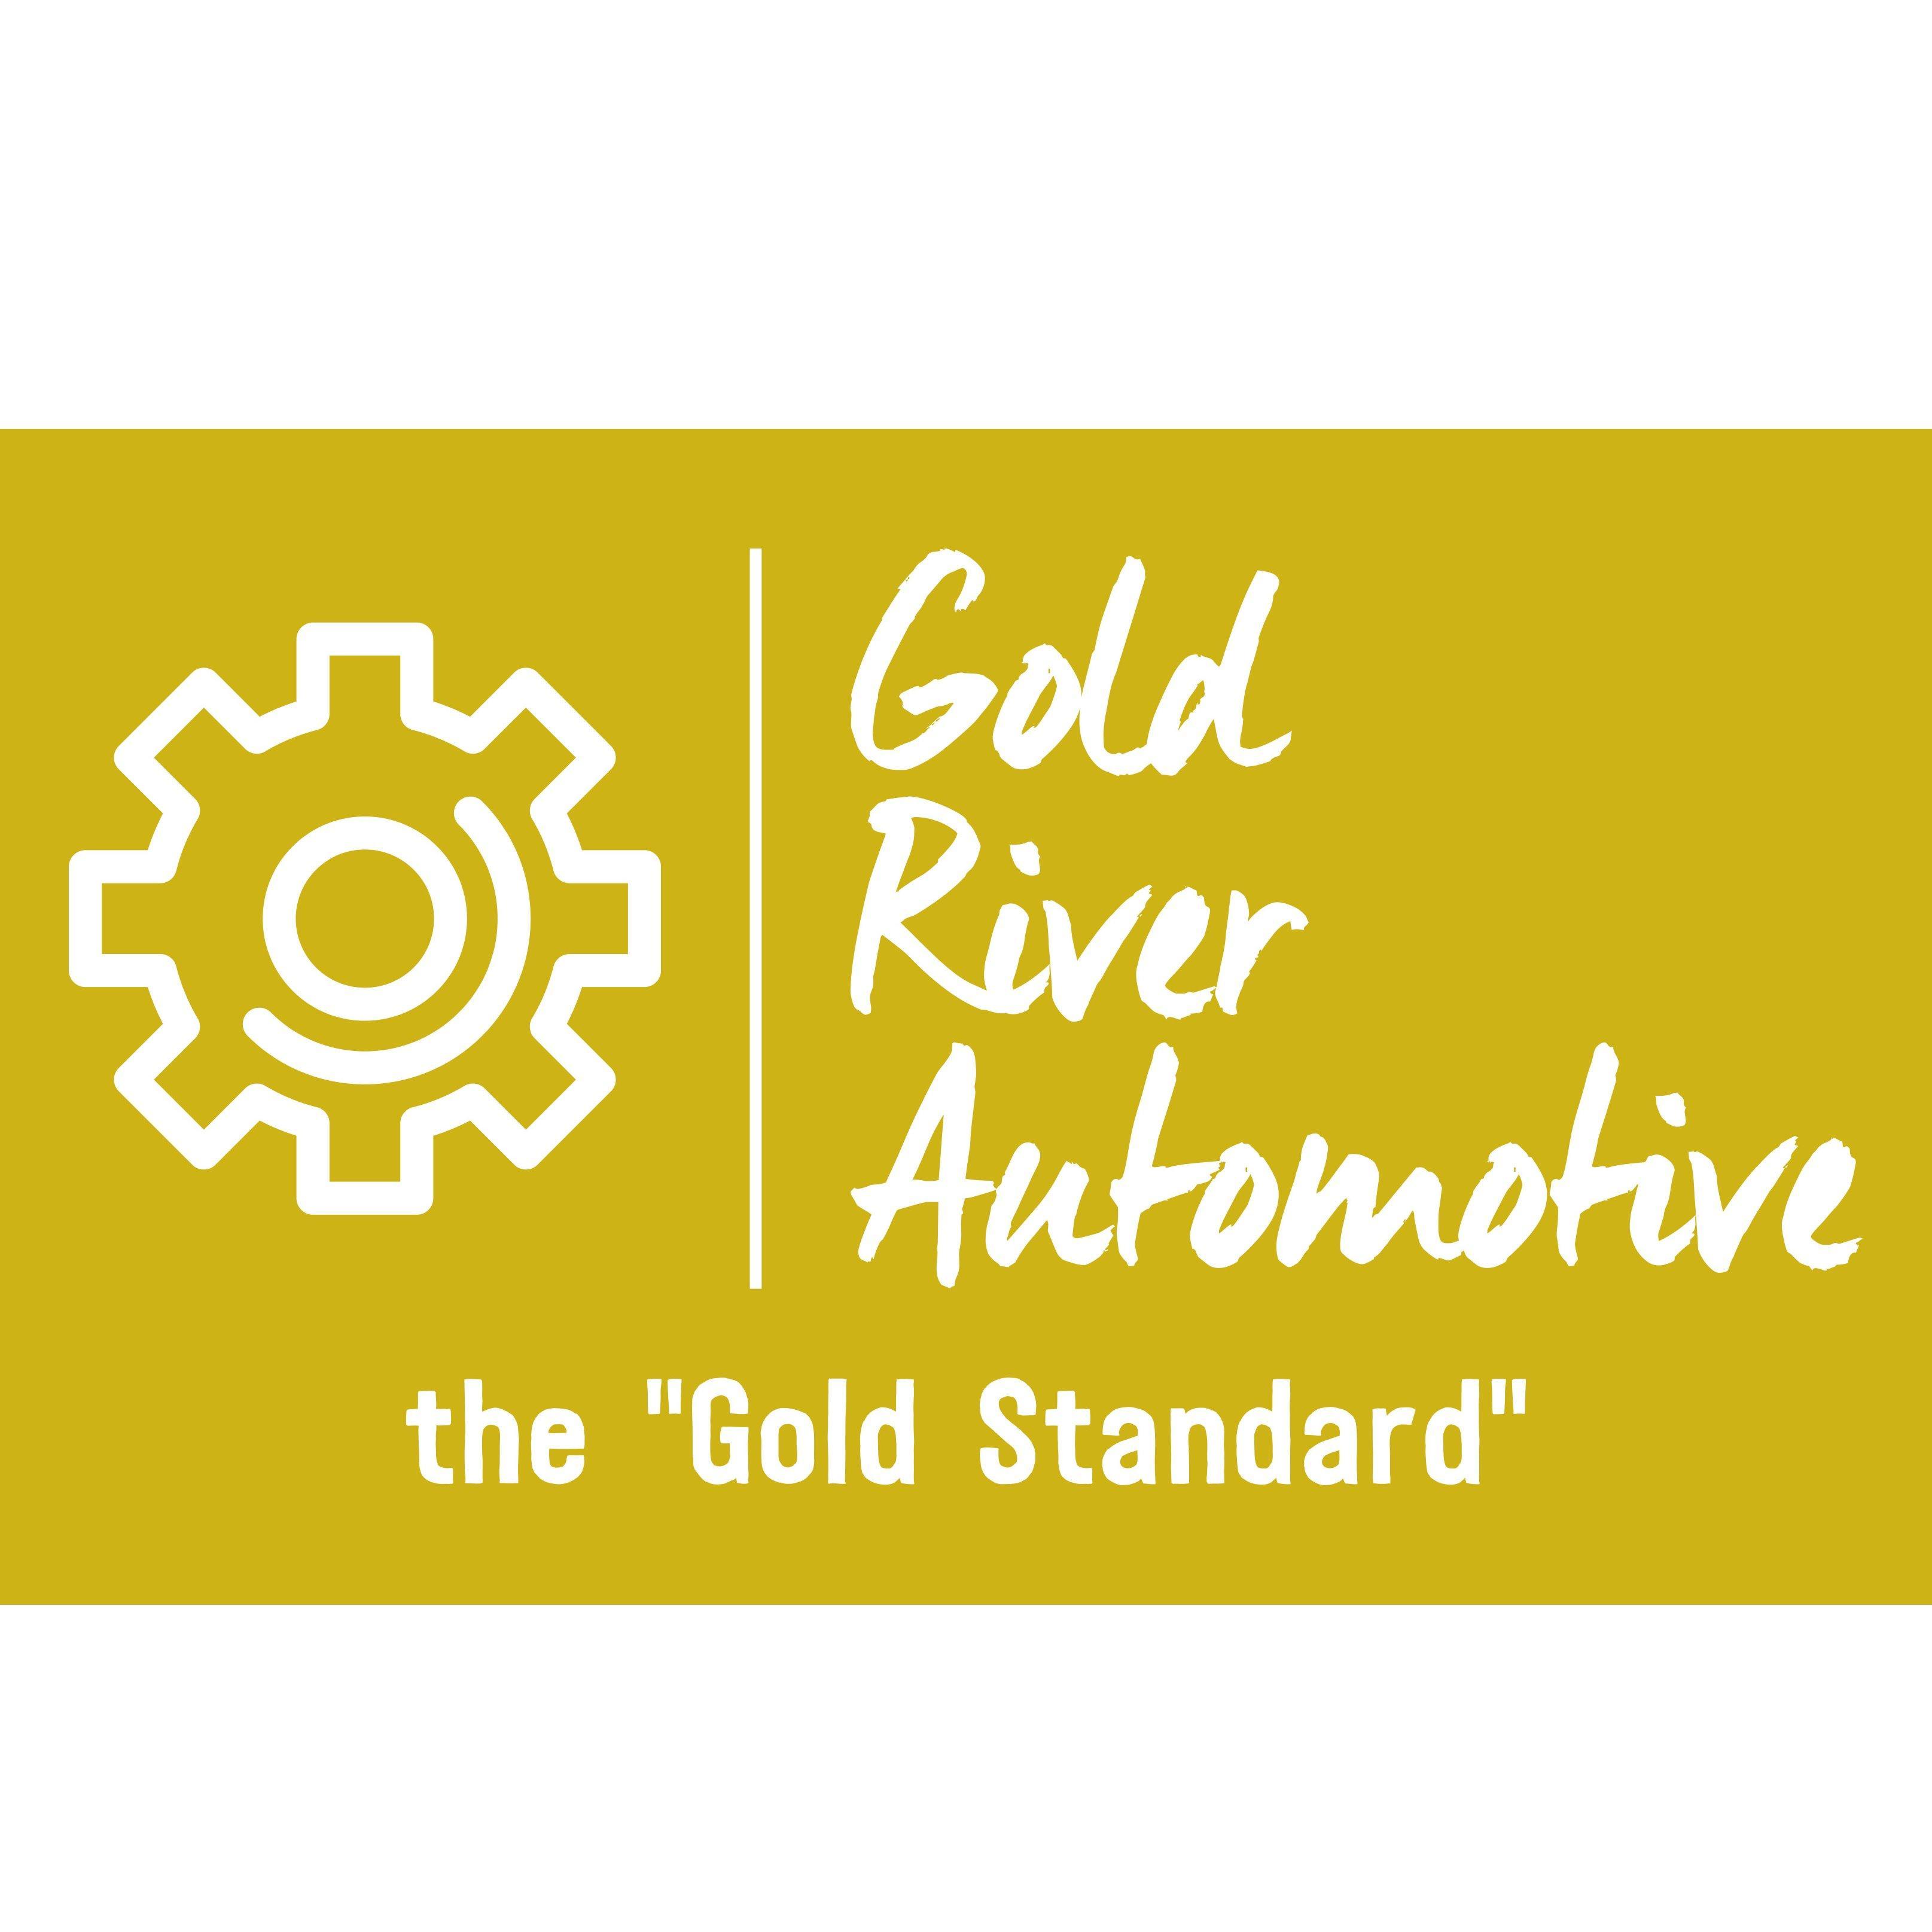 Gold River Automotive